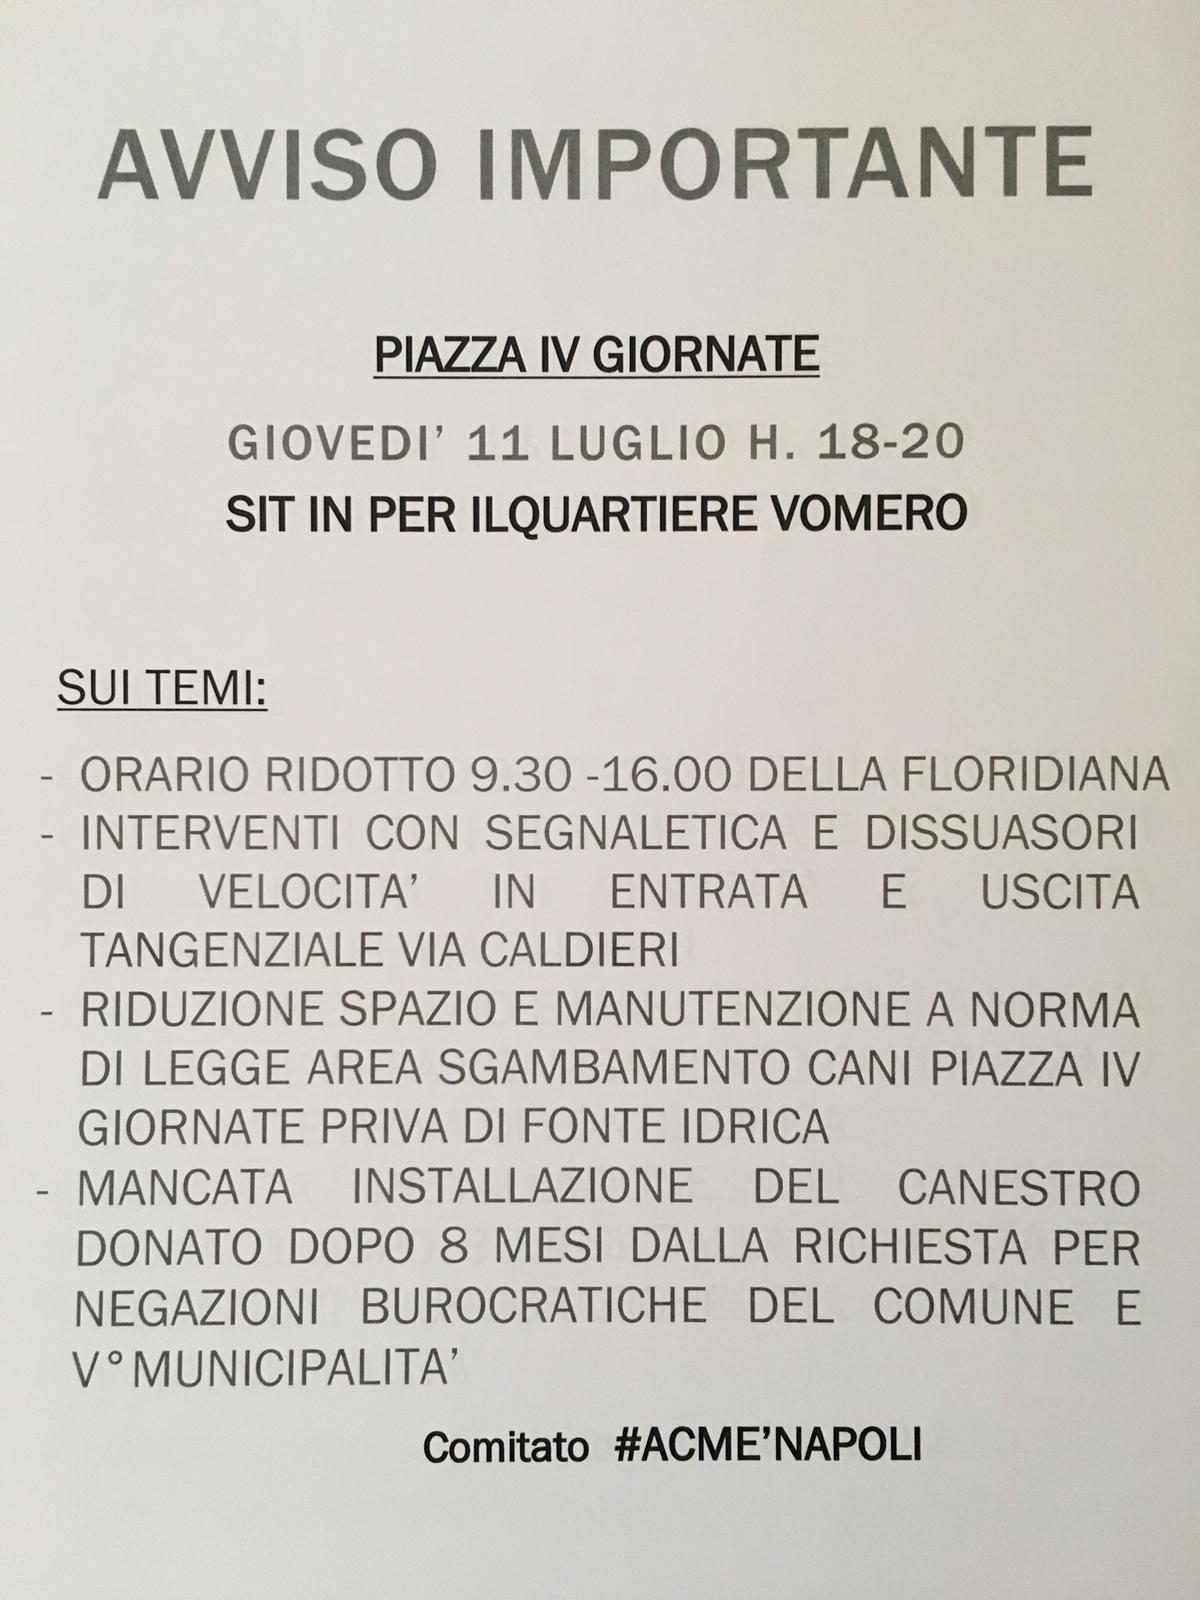 Volantino del comitato ACME'NAPOLI per il sitin in piazza Quattro Giornate